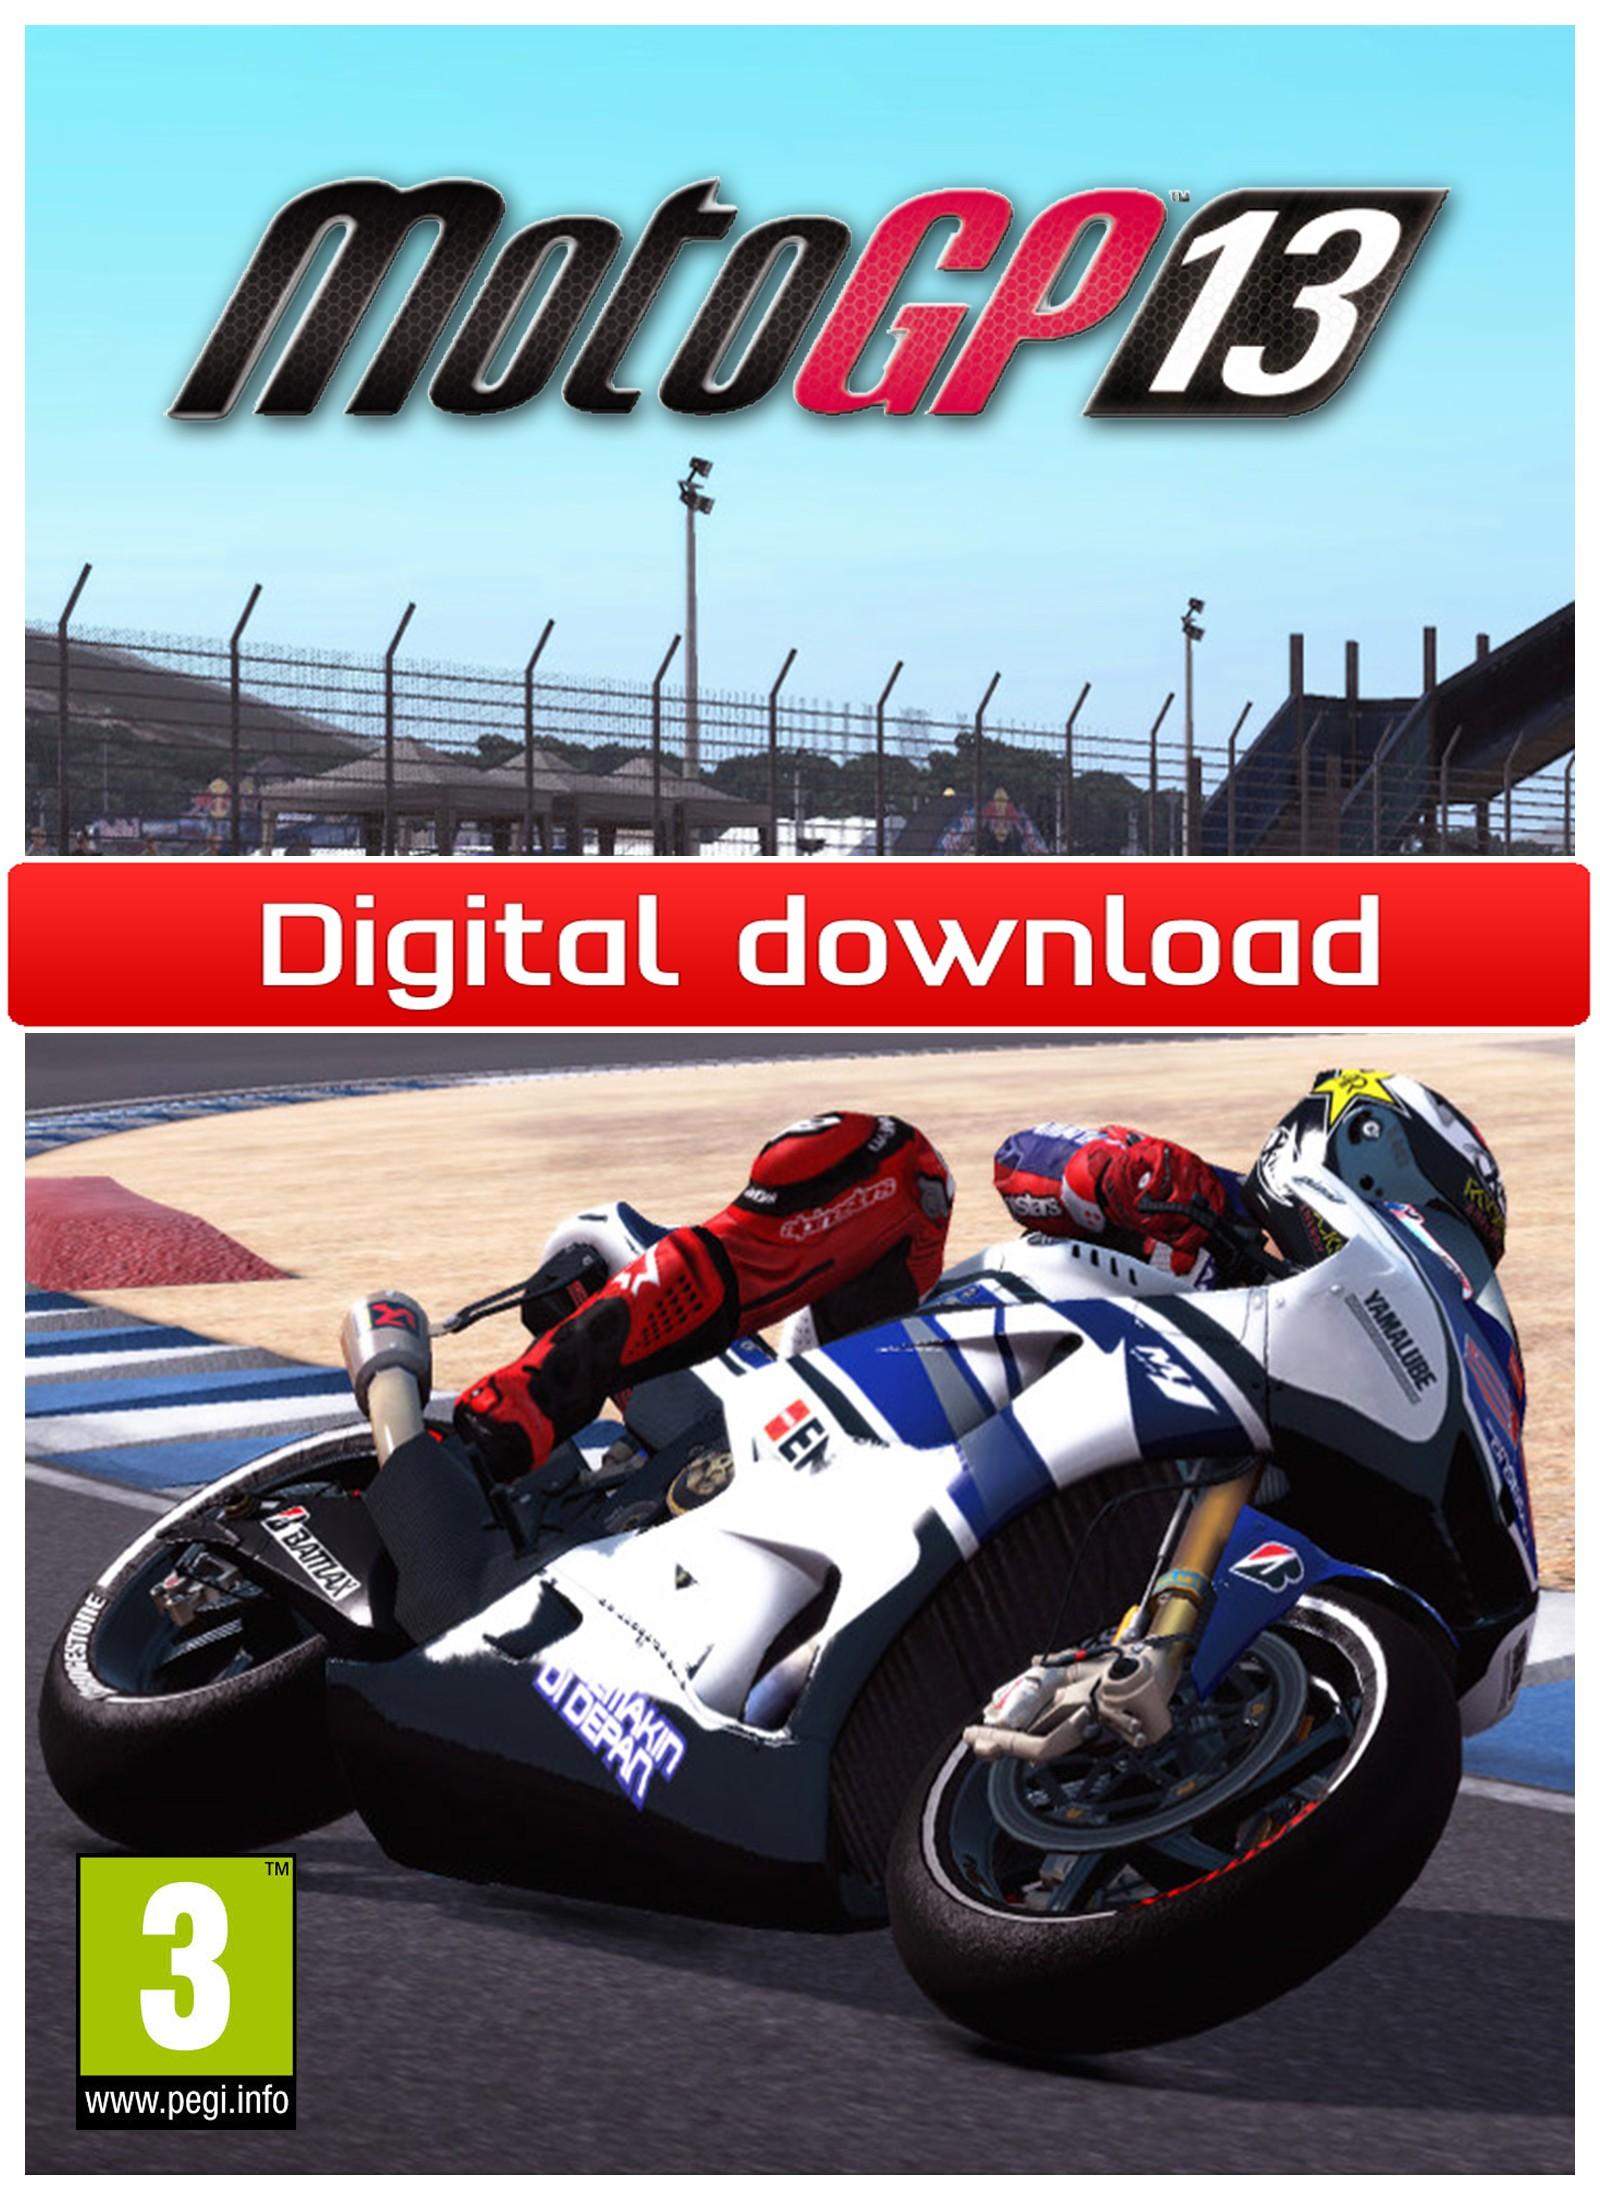 31604 : Moto GP 13 (PC nedlastning)